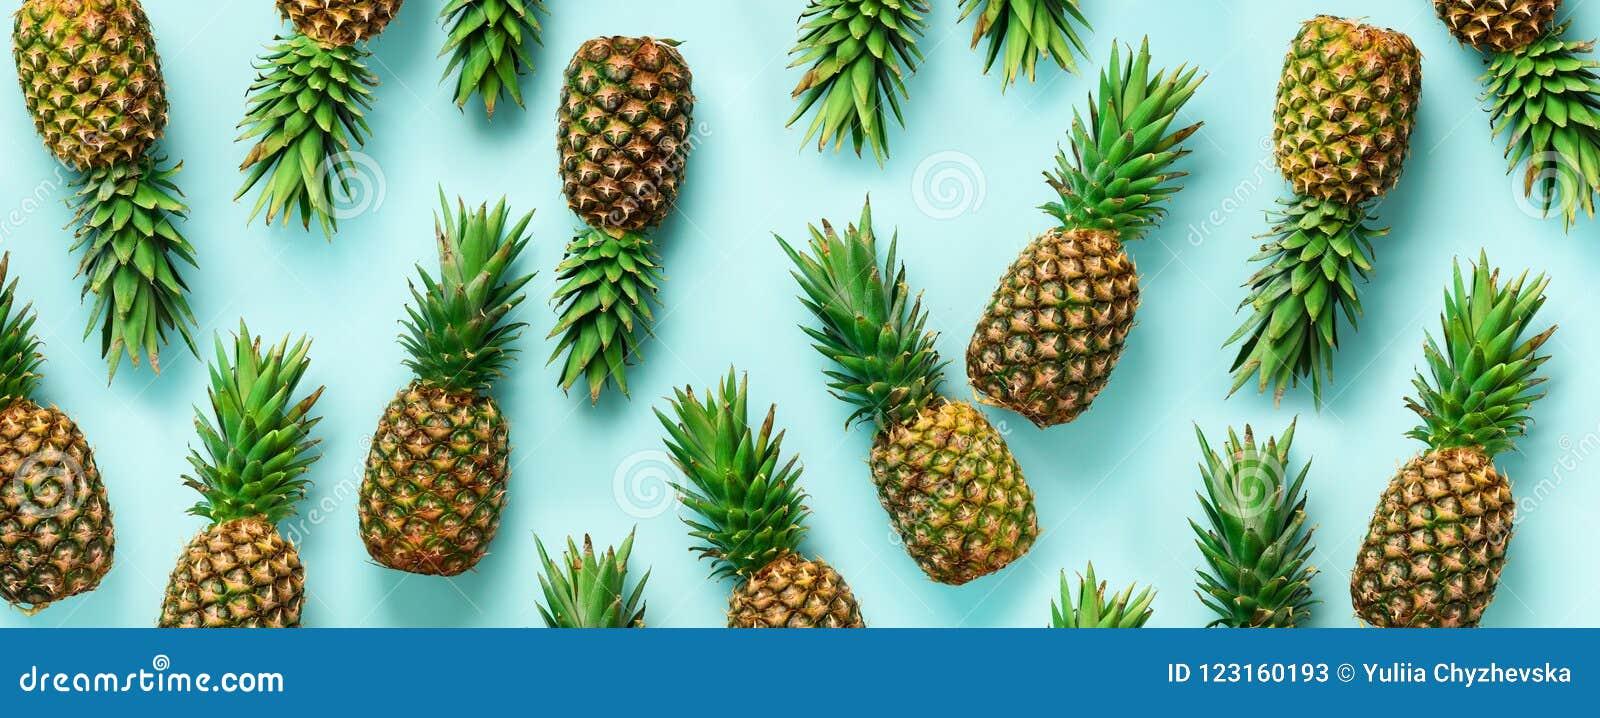 Helder ananaspatroon voor minimale stijl Hoogste mening Pop-artontwerp, creatief concept De ruimte van het exemplaar banner vers